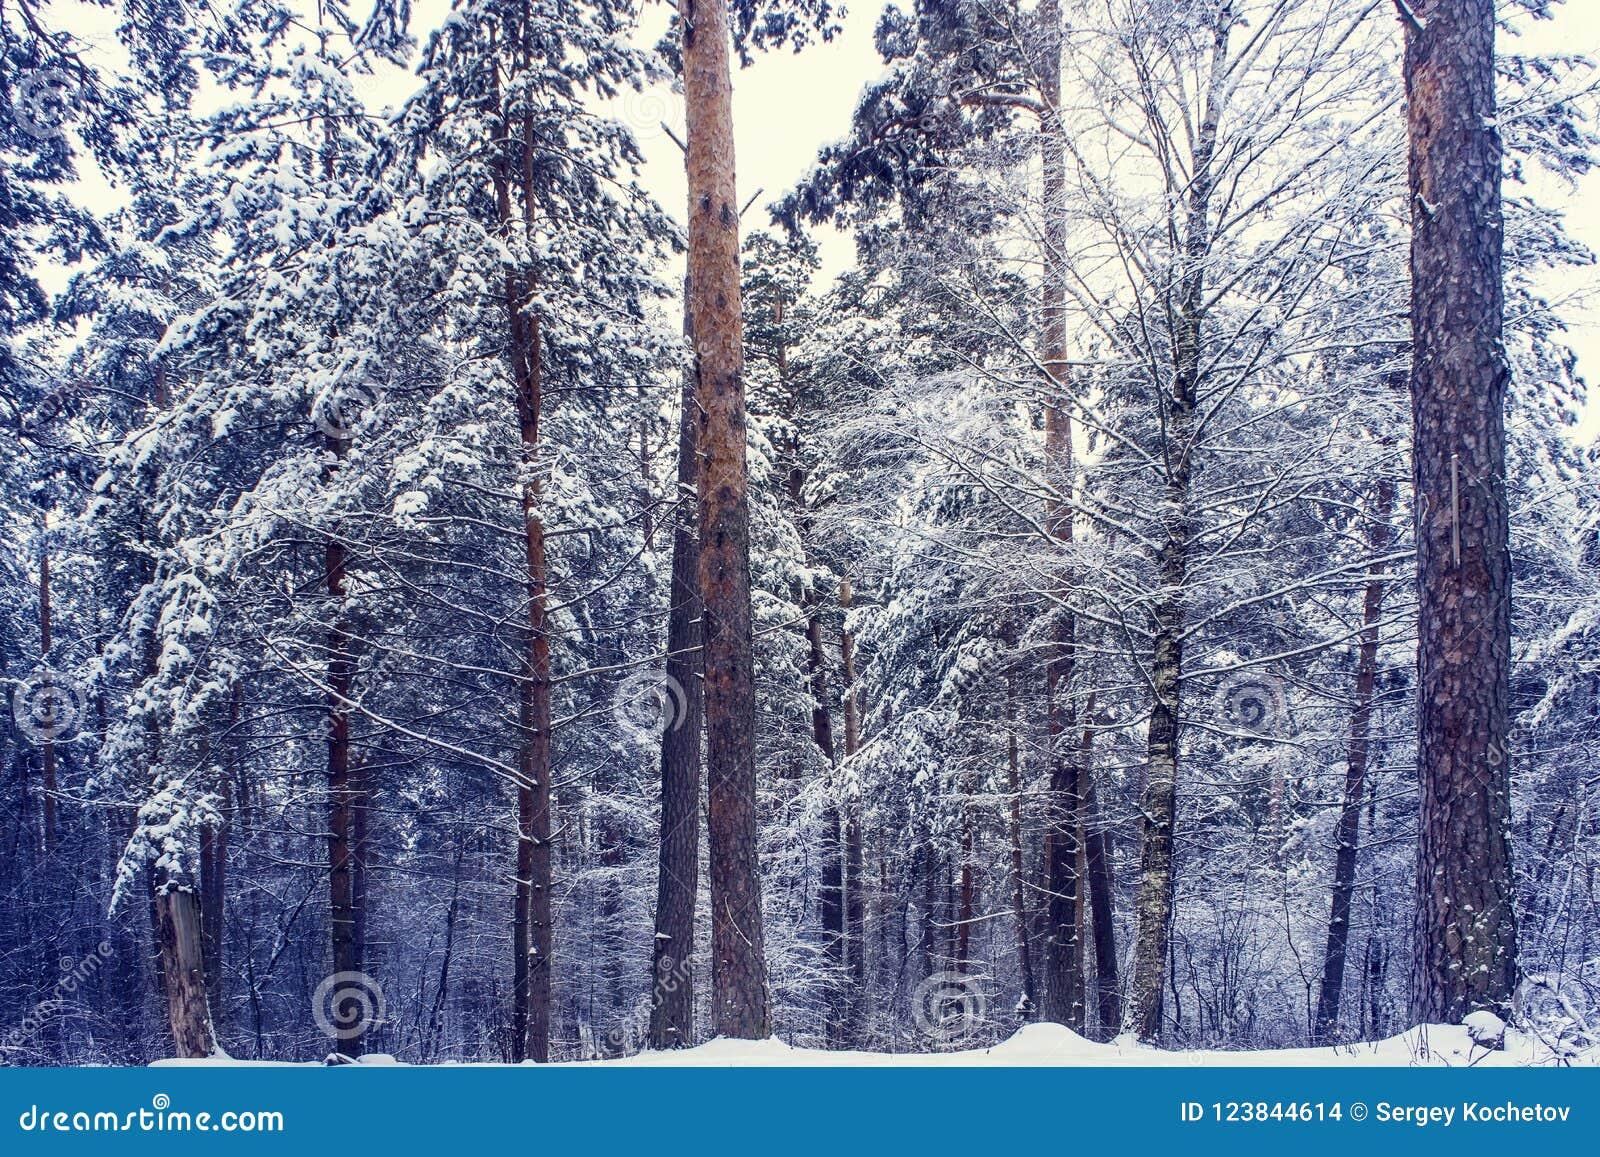 Mysteriöser Winterwald im dunkelblauen farbigen Wald